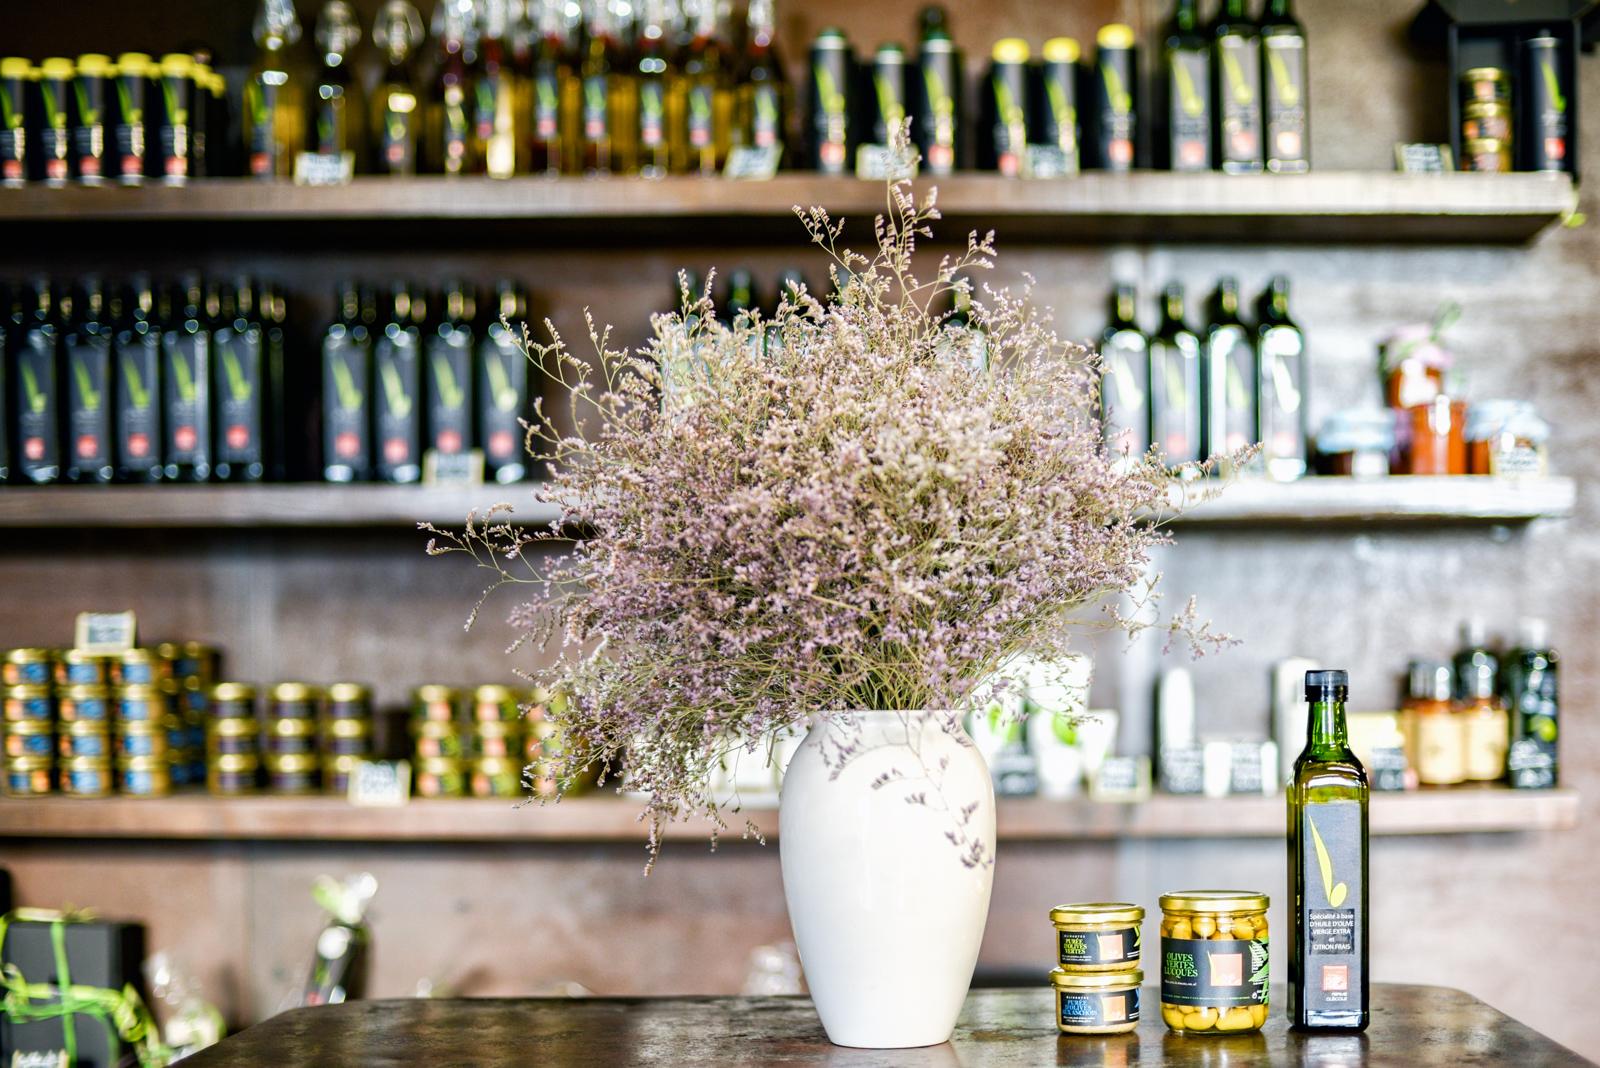 Moulin du Mas Palat, produits oléicoles (huiles d'olives, tapenades, olives de table...)